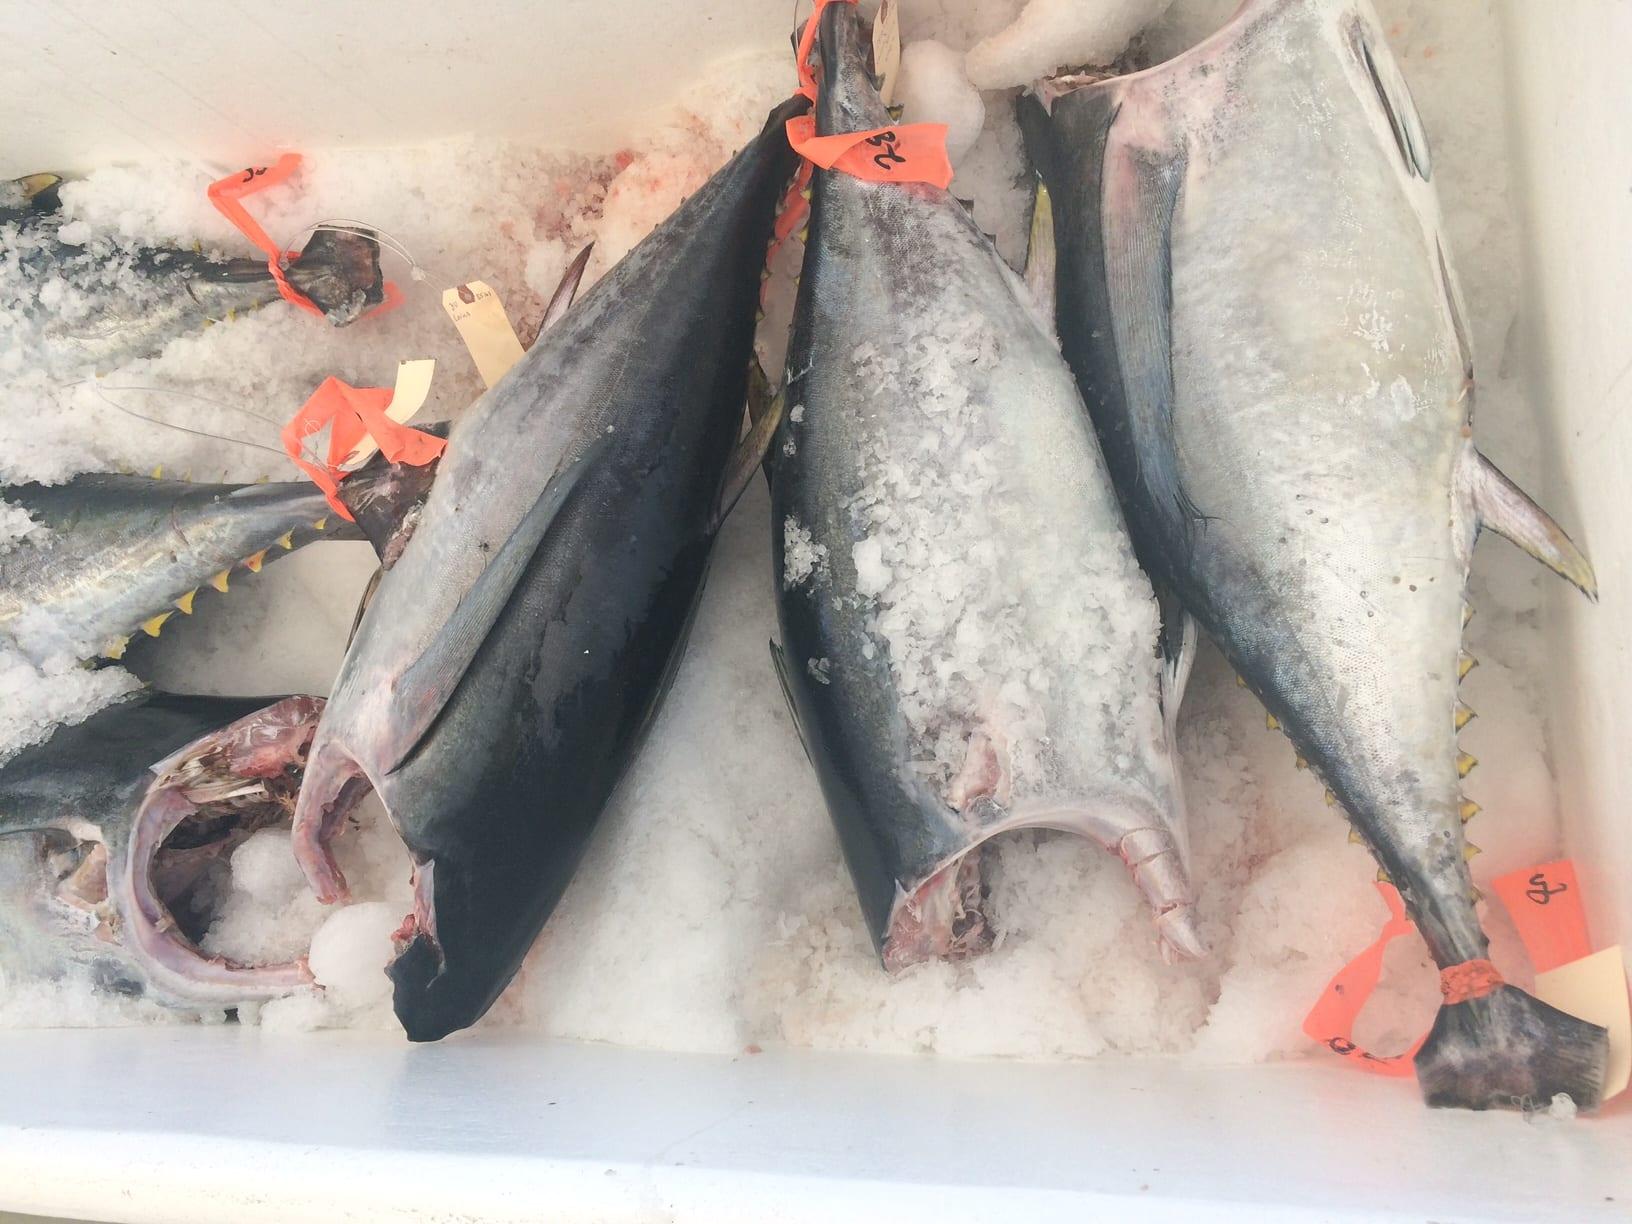 Fish Market Tuna Sale